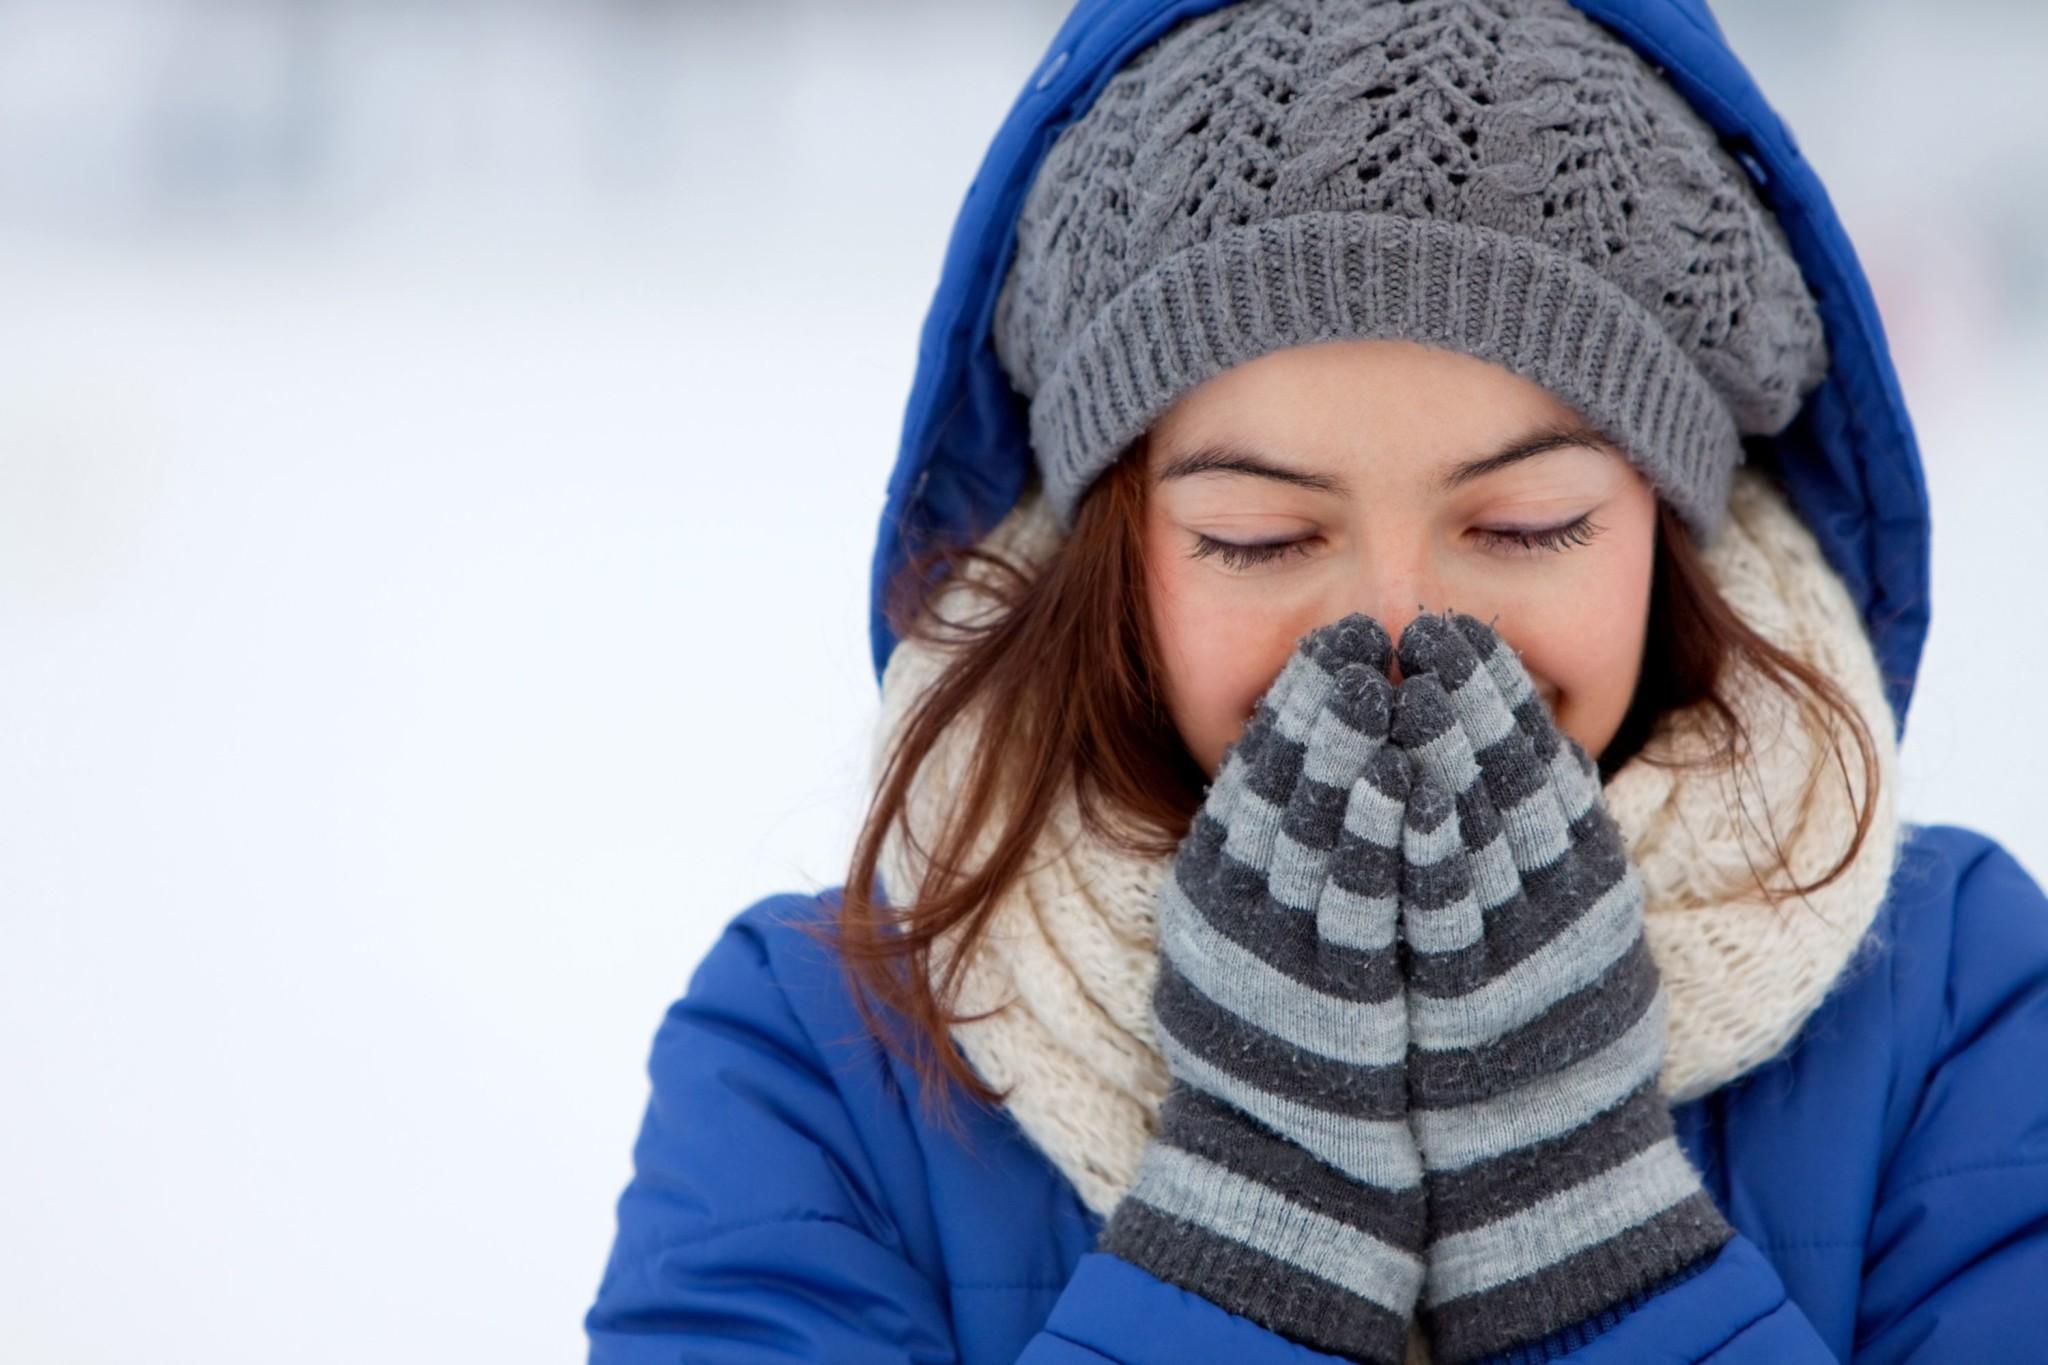 winter-sun-damage-heliocare-sunscreen